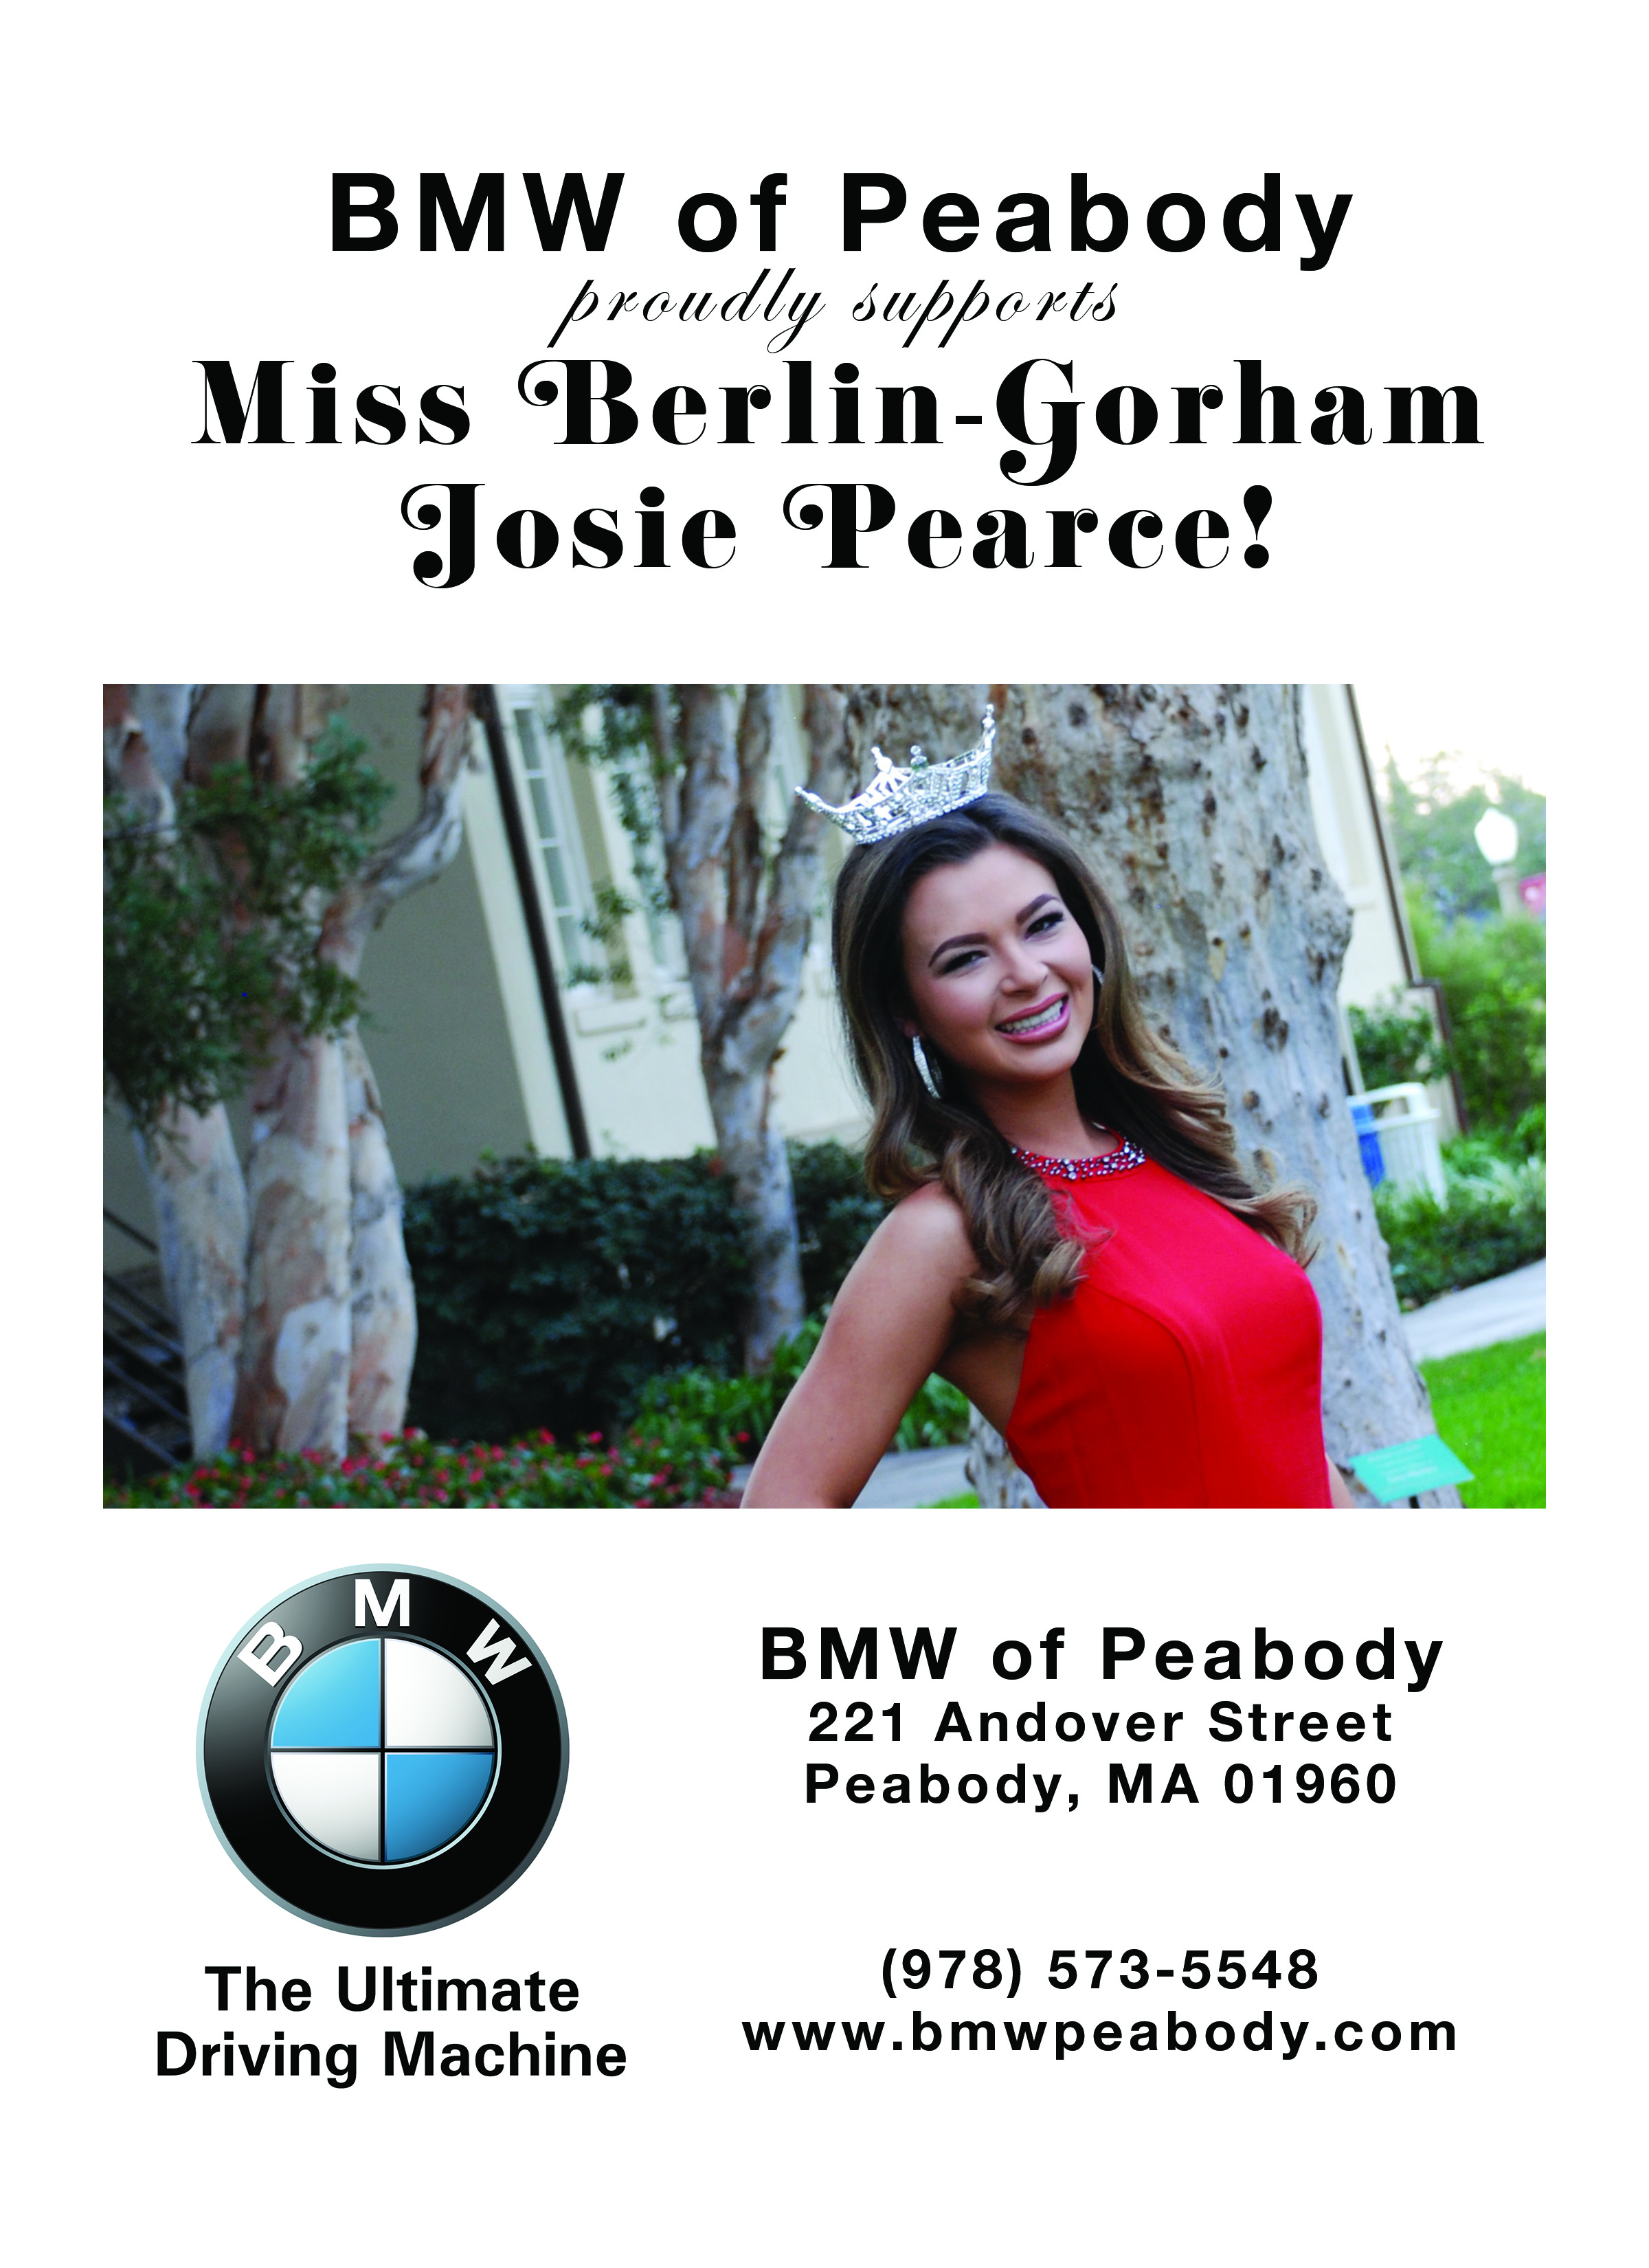 Josie-Pearce-Ad-5.jpg